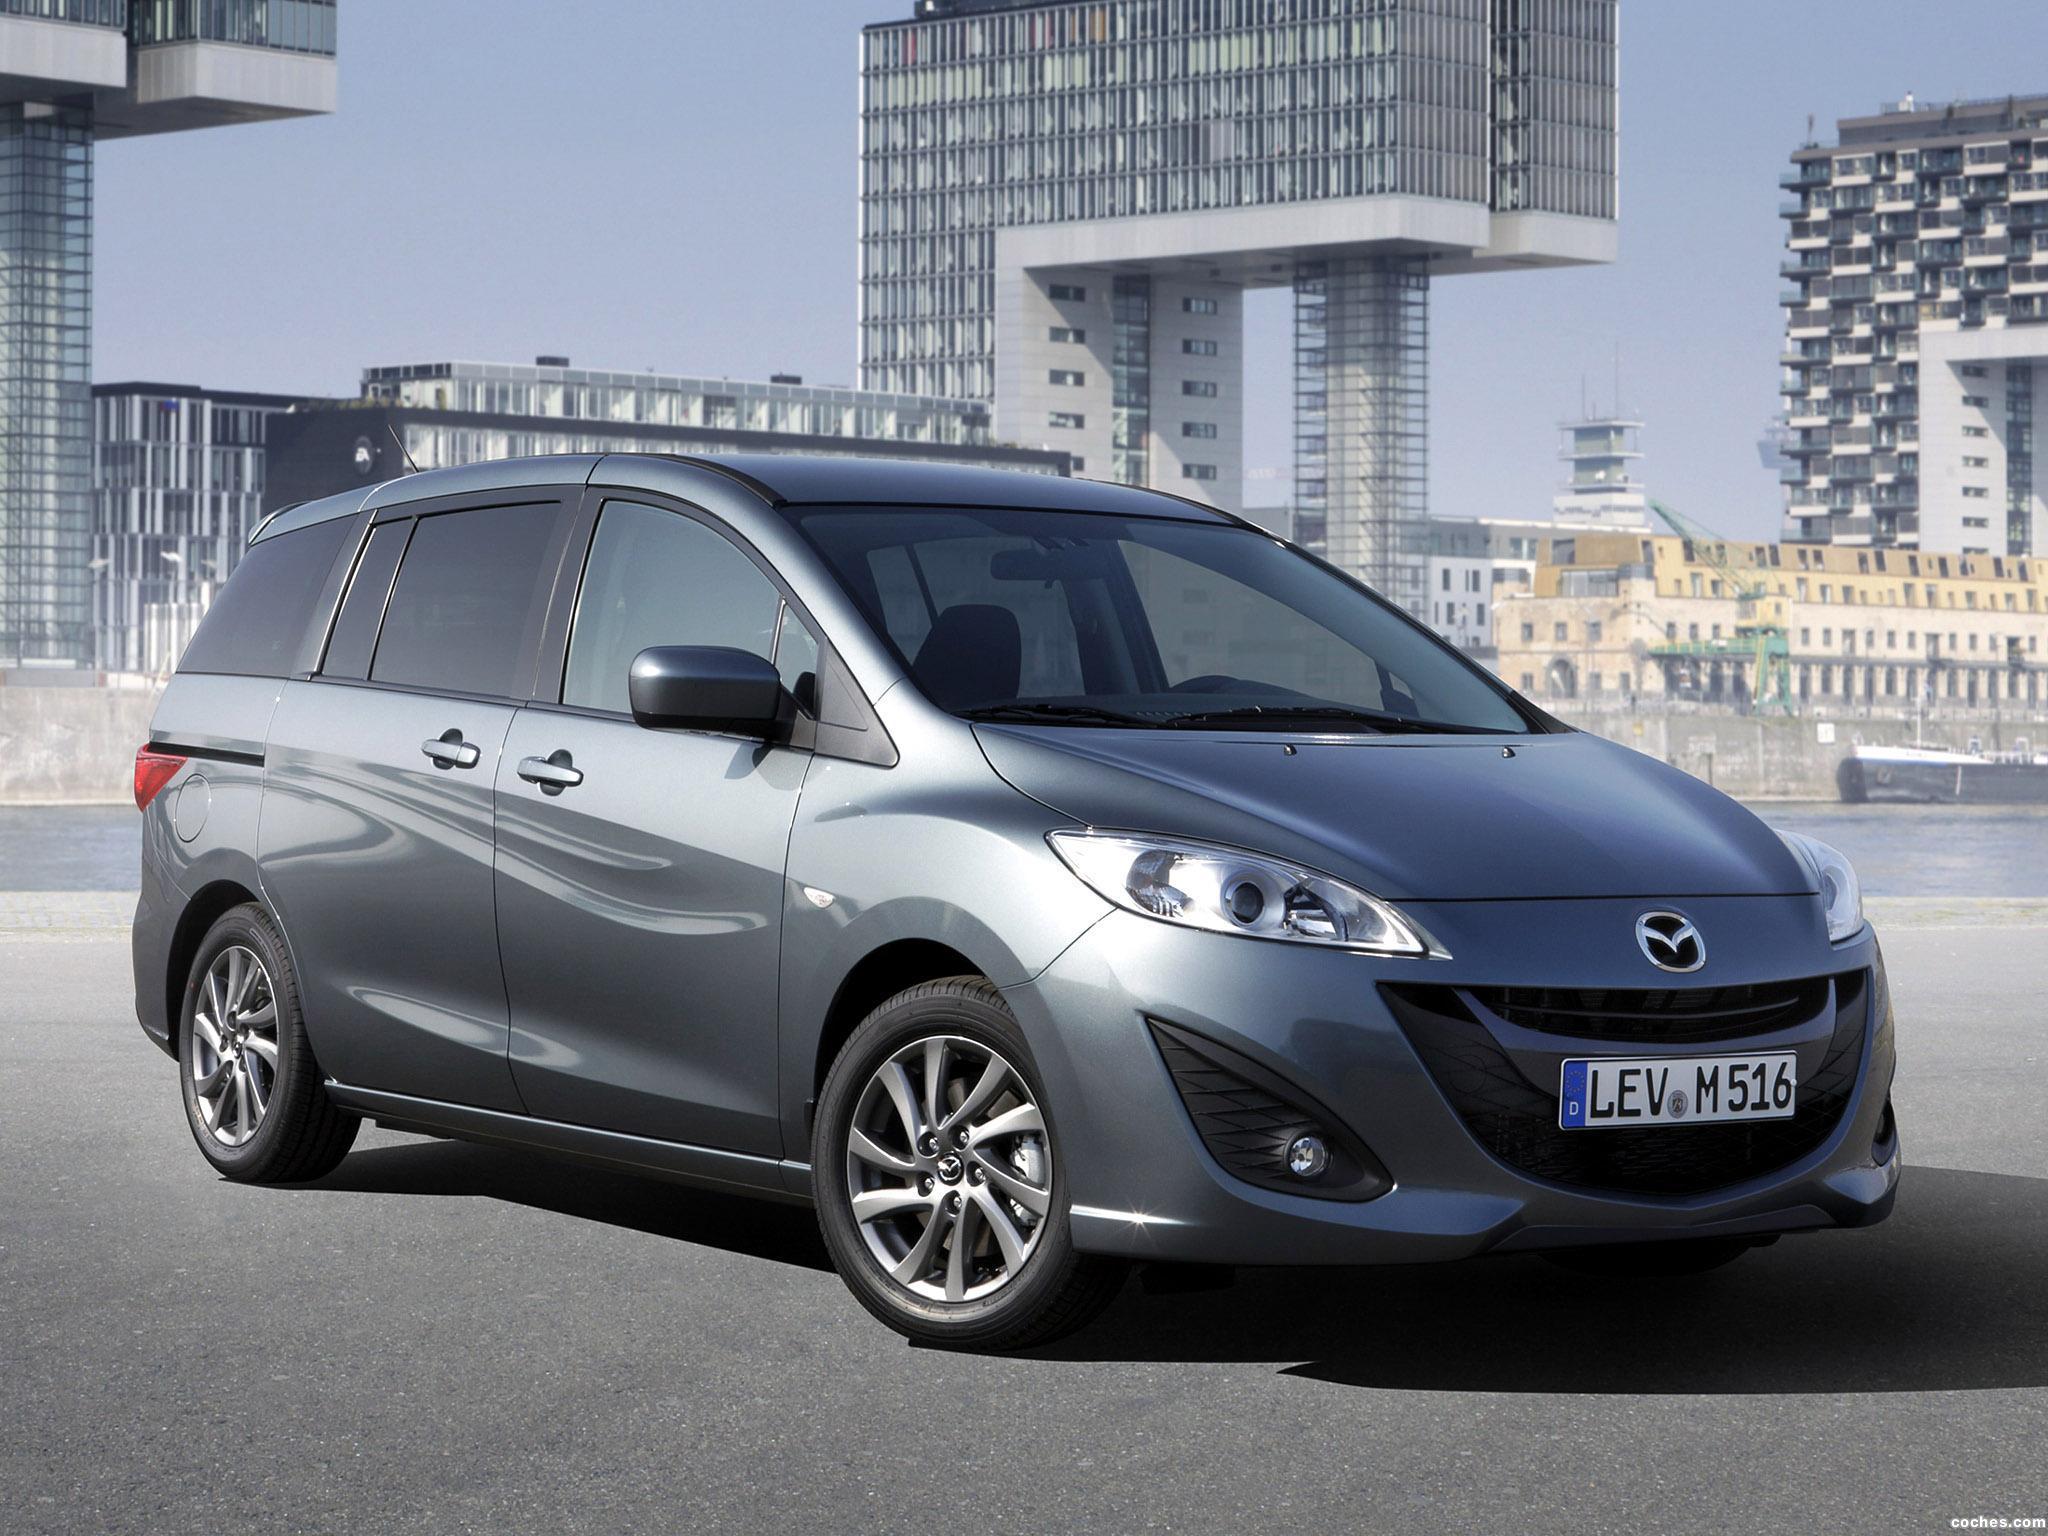 Foto 0 de Mazda 5 Edition 40 2012